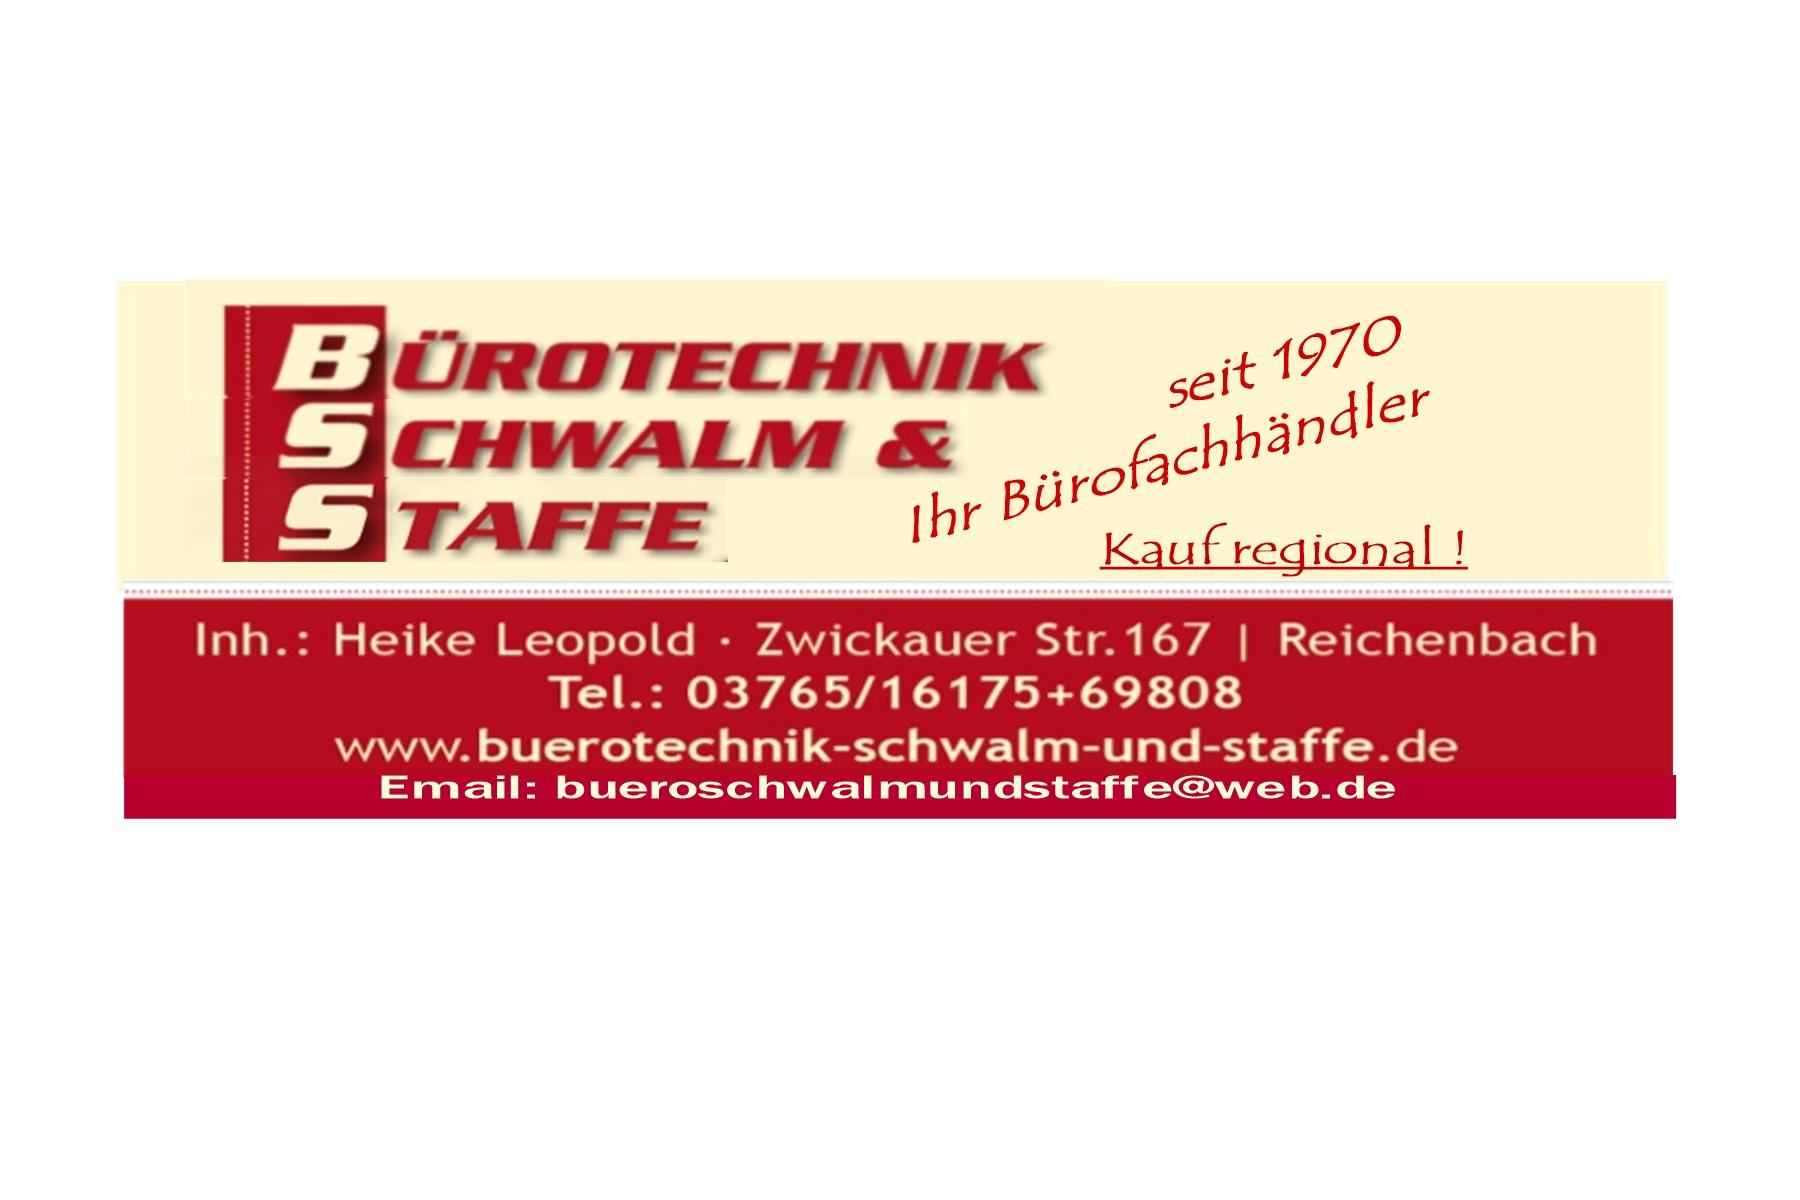 Bürotechnik Schwalm & Staffe